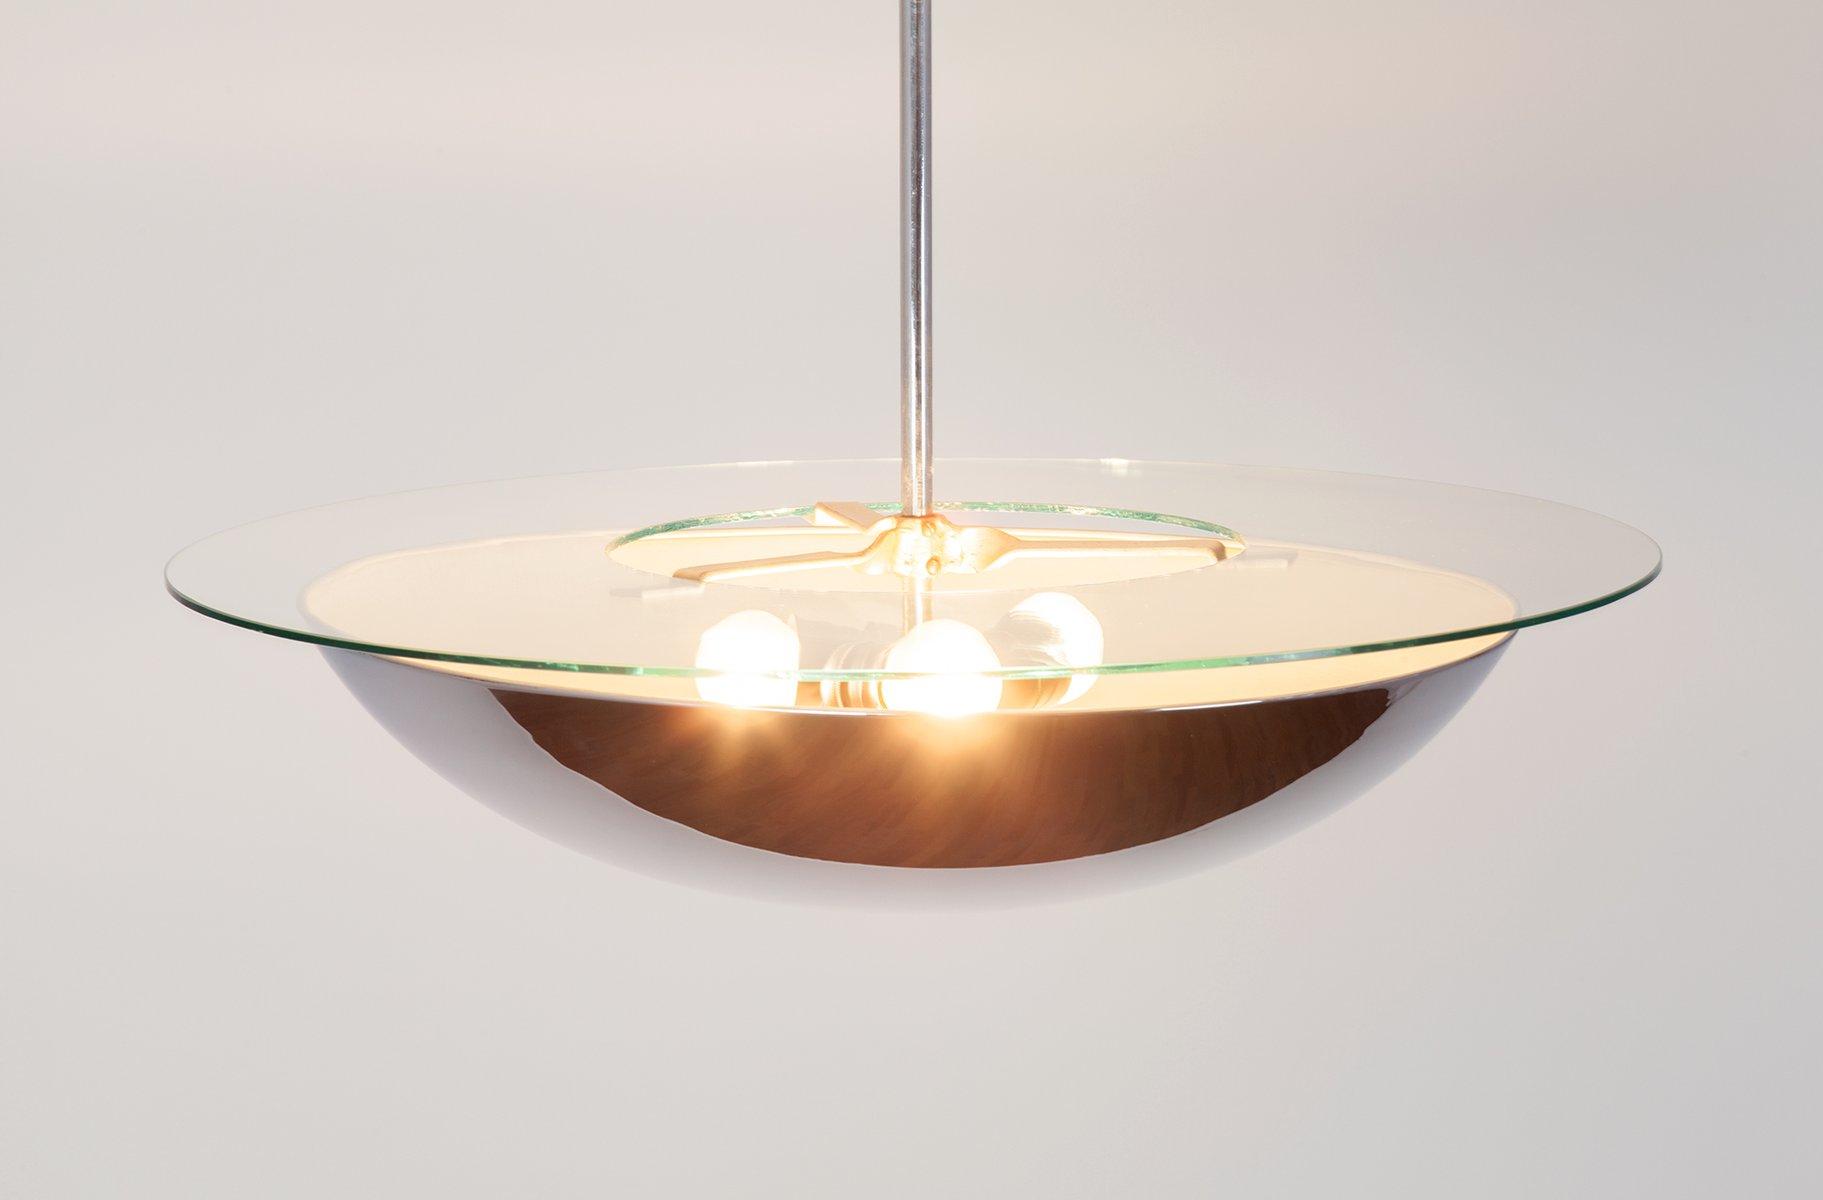 Spiegel glas und metall h ngelampe 1960er bei pamono kaufen for Spiegel glas